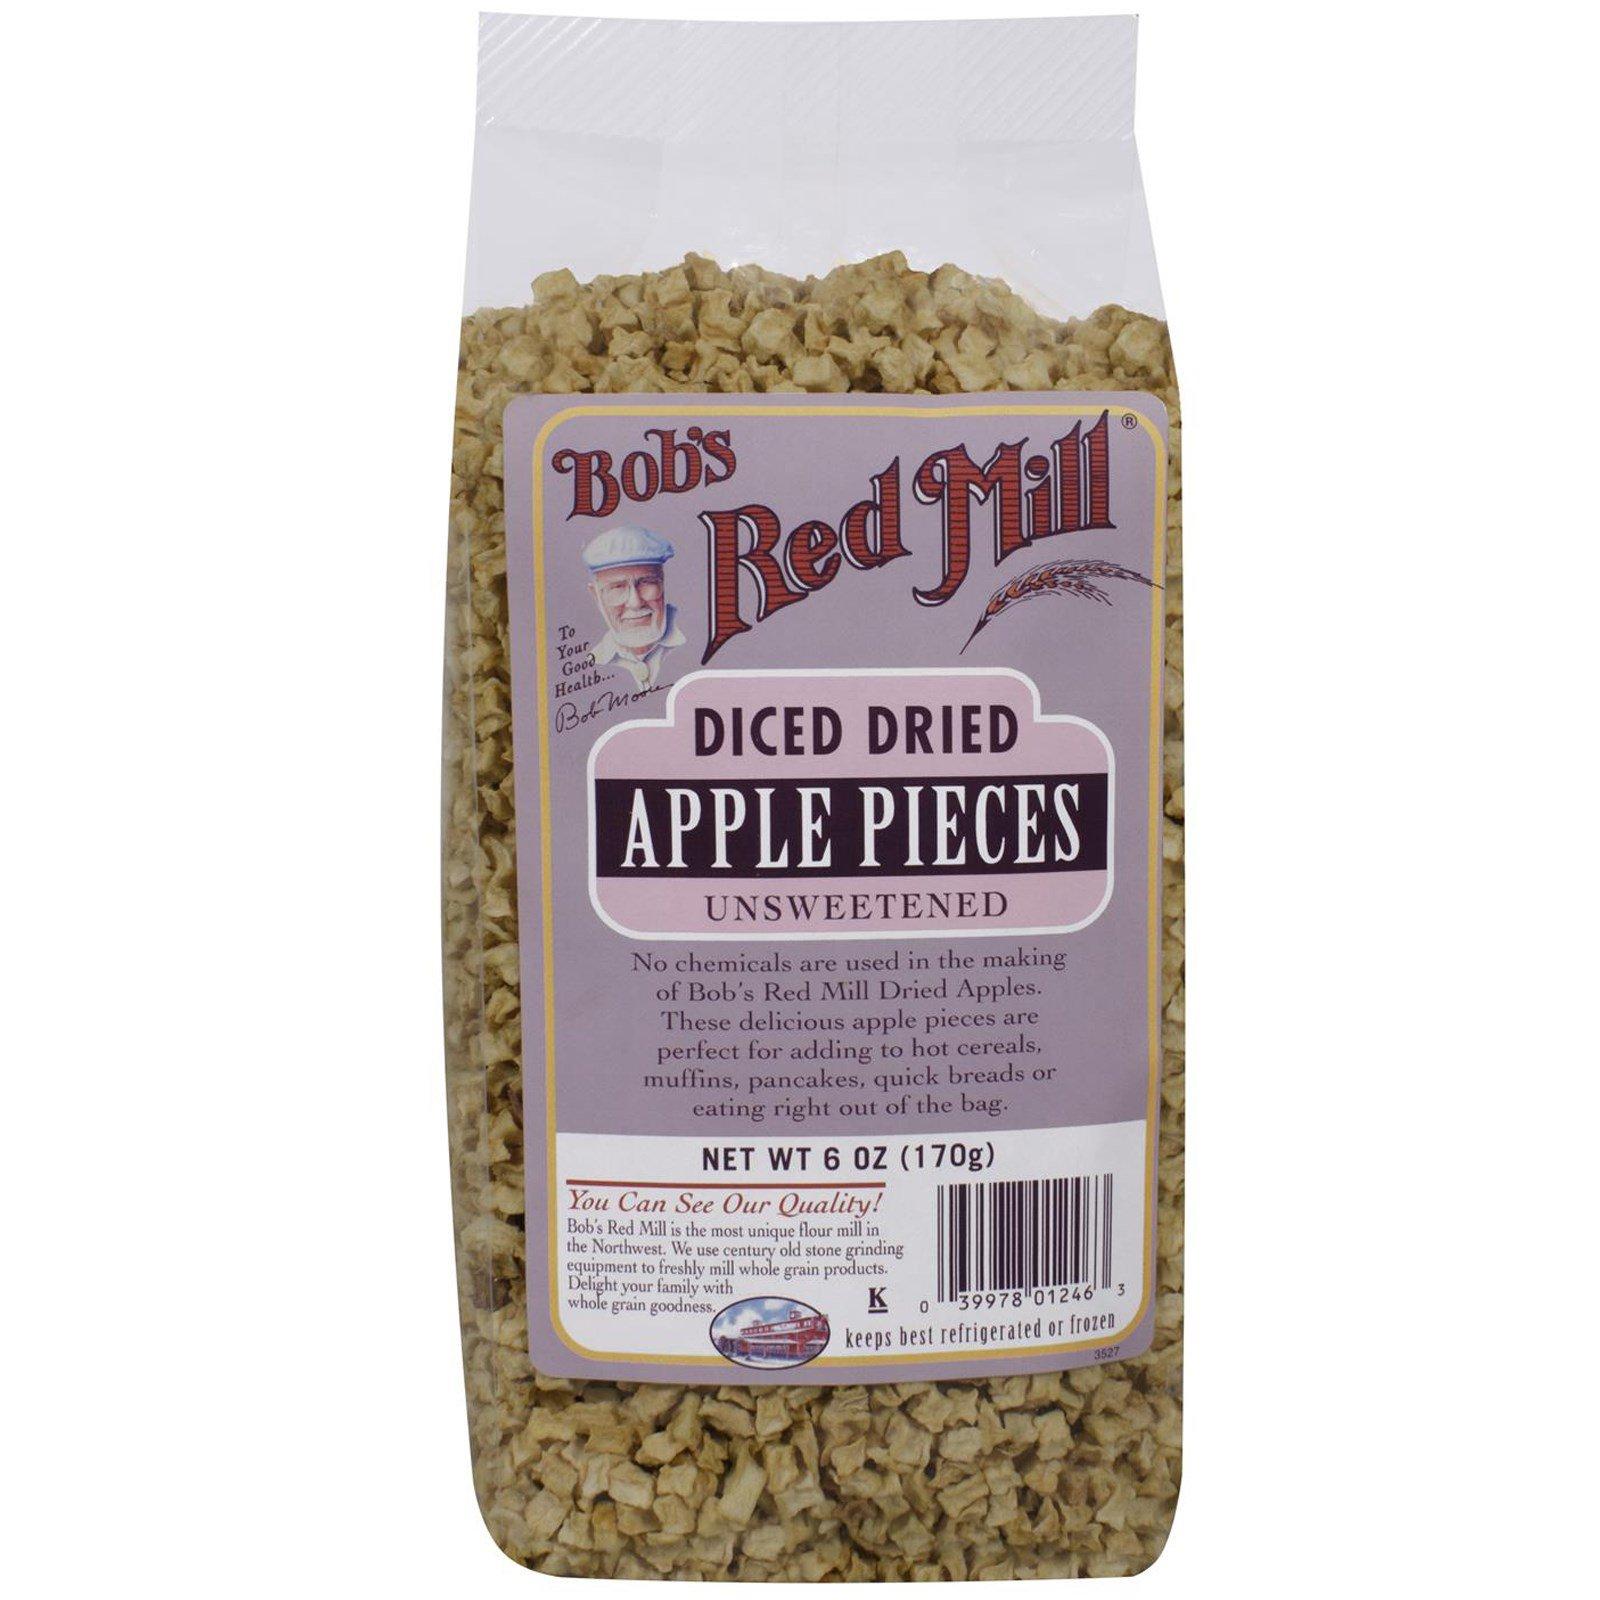 Bob's Red Mill, Нарезанные кубики сушеных яблок, несладкие, 6 унций (170 г)